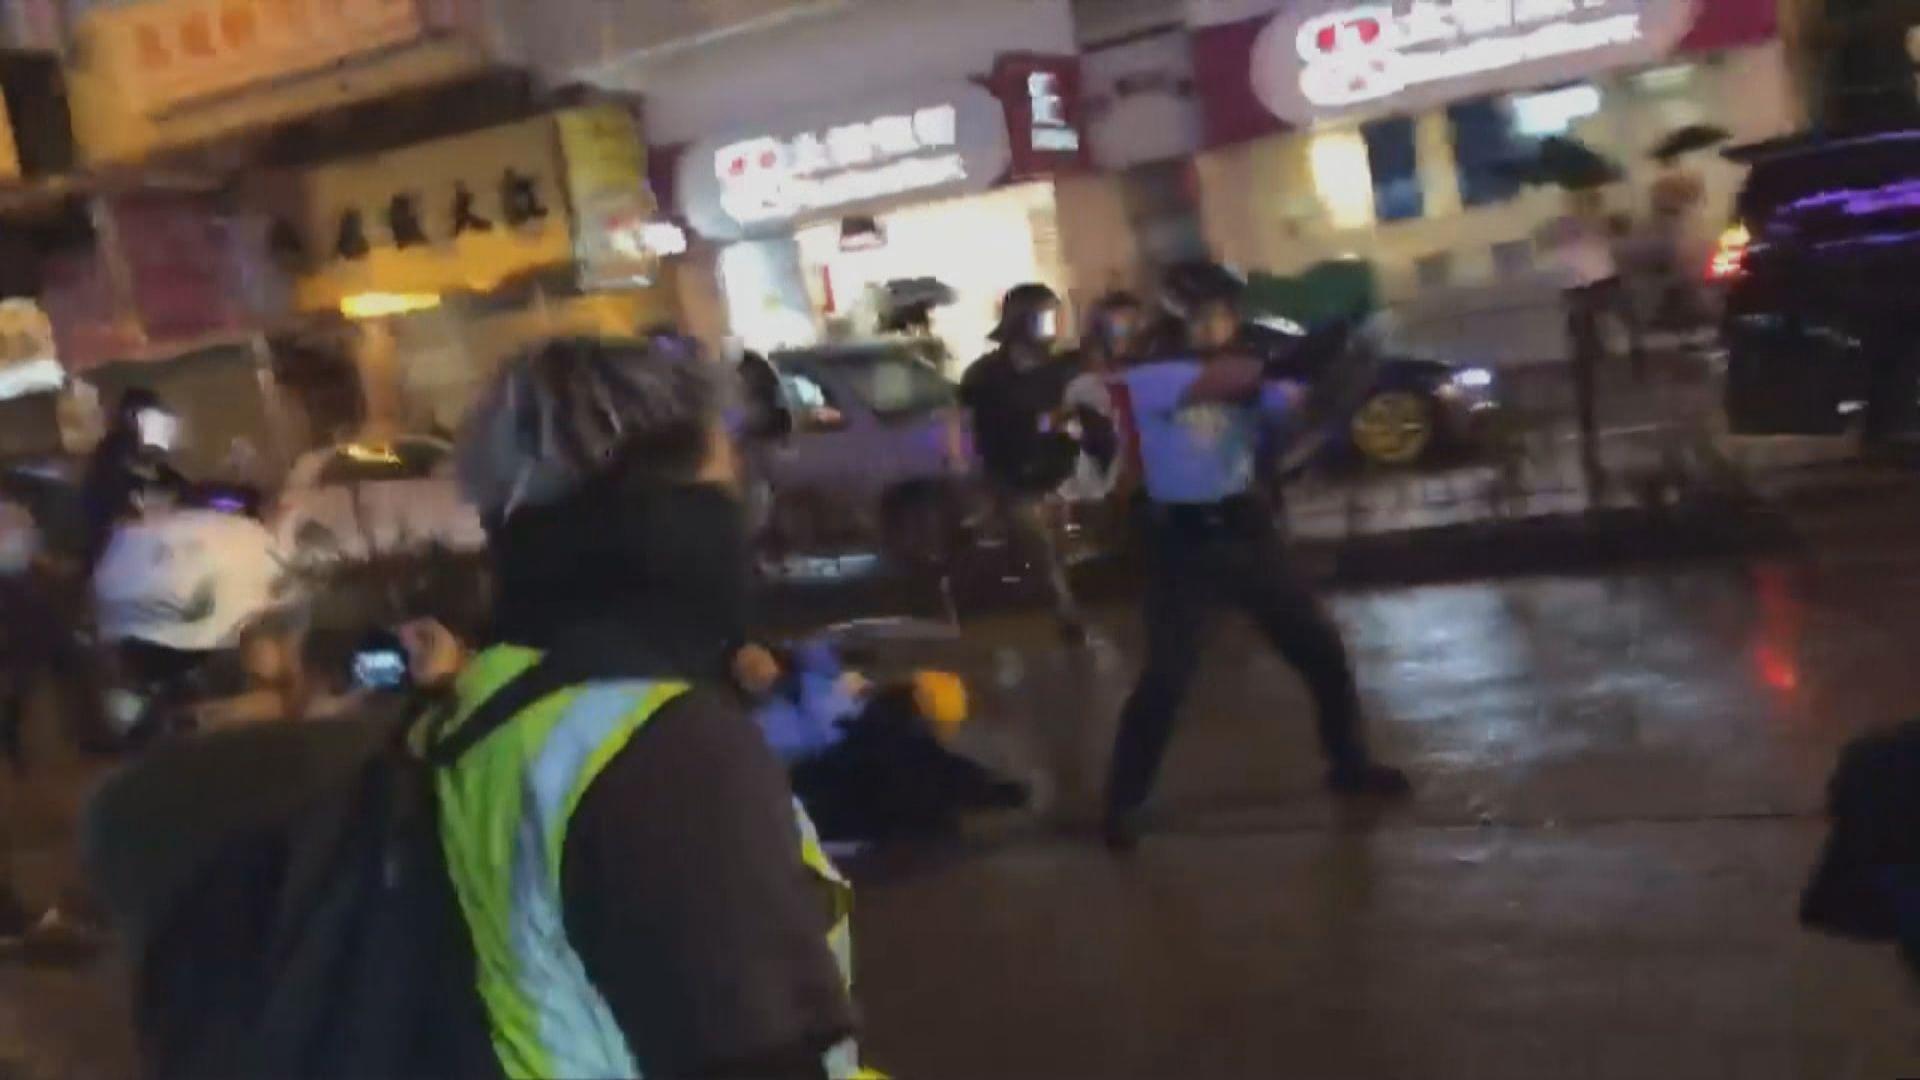 警方指警員向天開槍是必須和合理